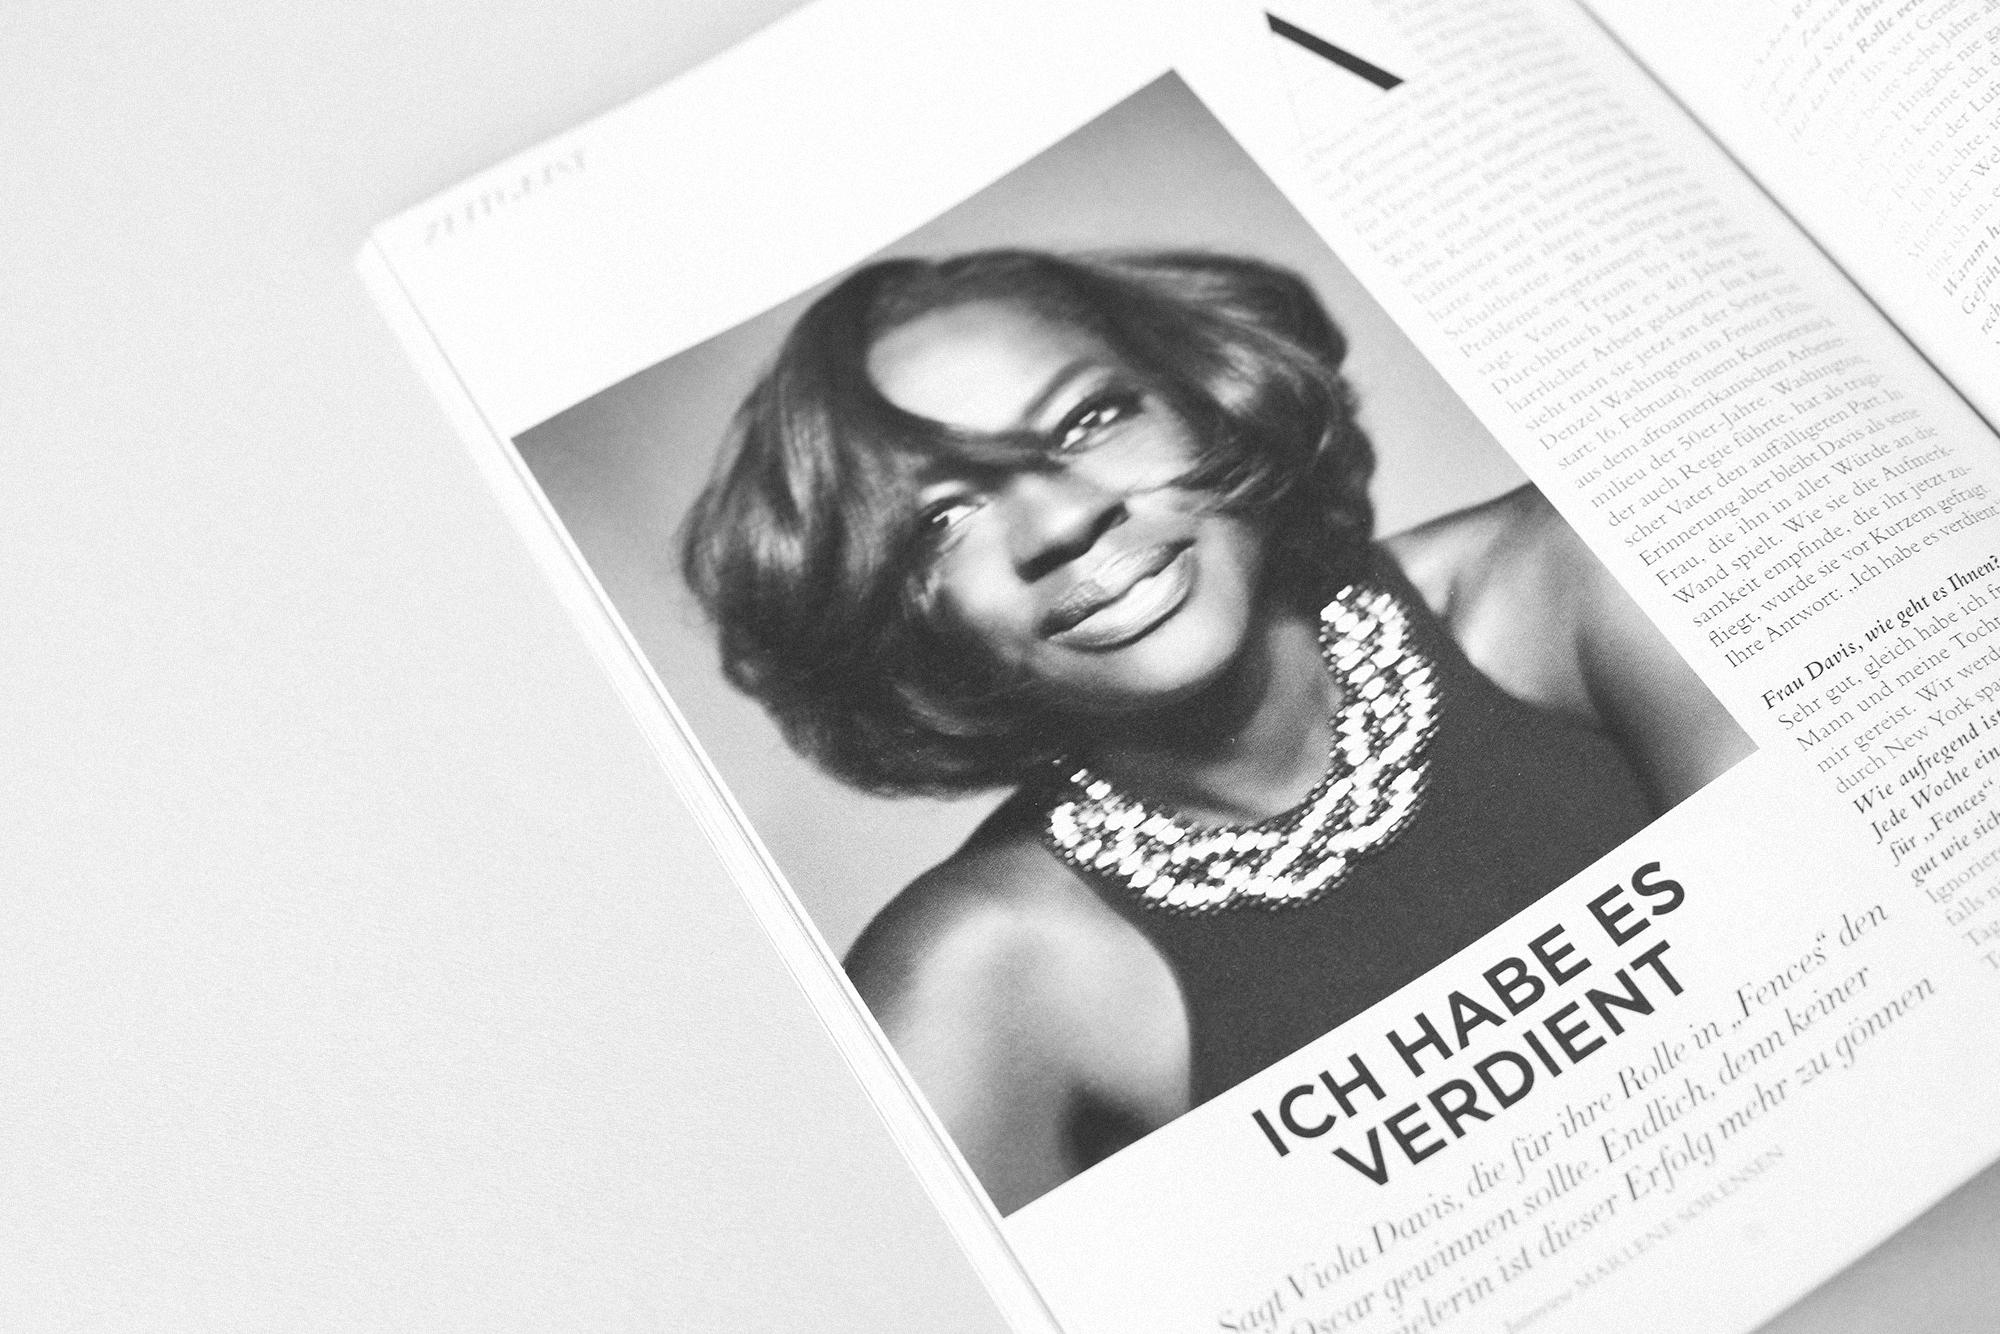 """""""Wir entscheiden uns viel zu oft dafür, abzunehmen, süß zu sein, uns jünger operieren zu lassen."""" - INTERVIEWMit Viola Davis, erschienen in Harper's Bazaar"""